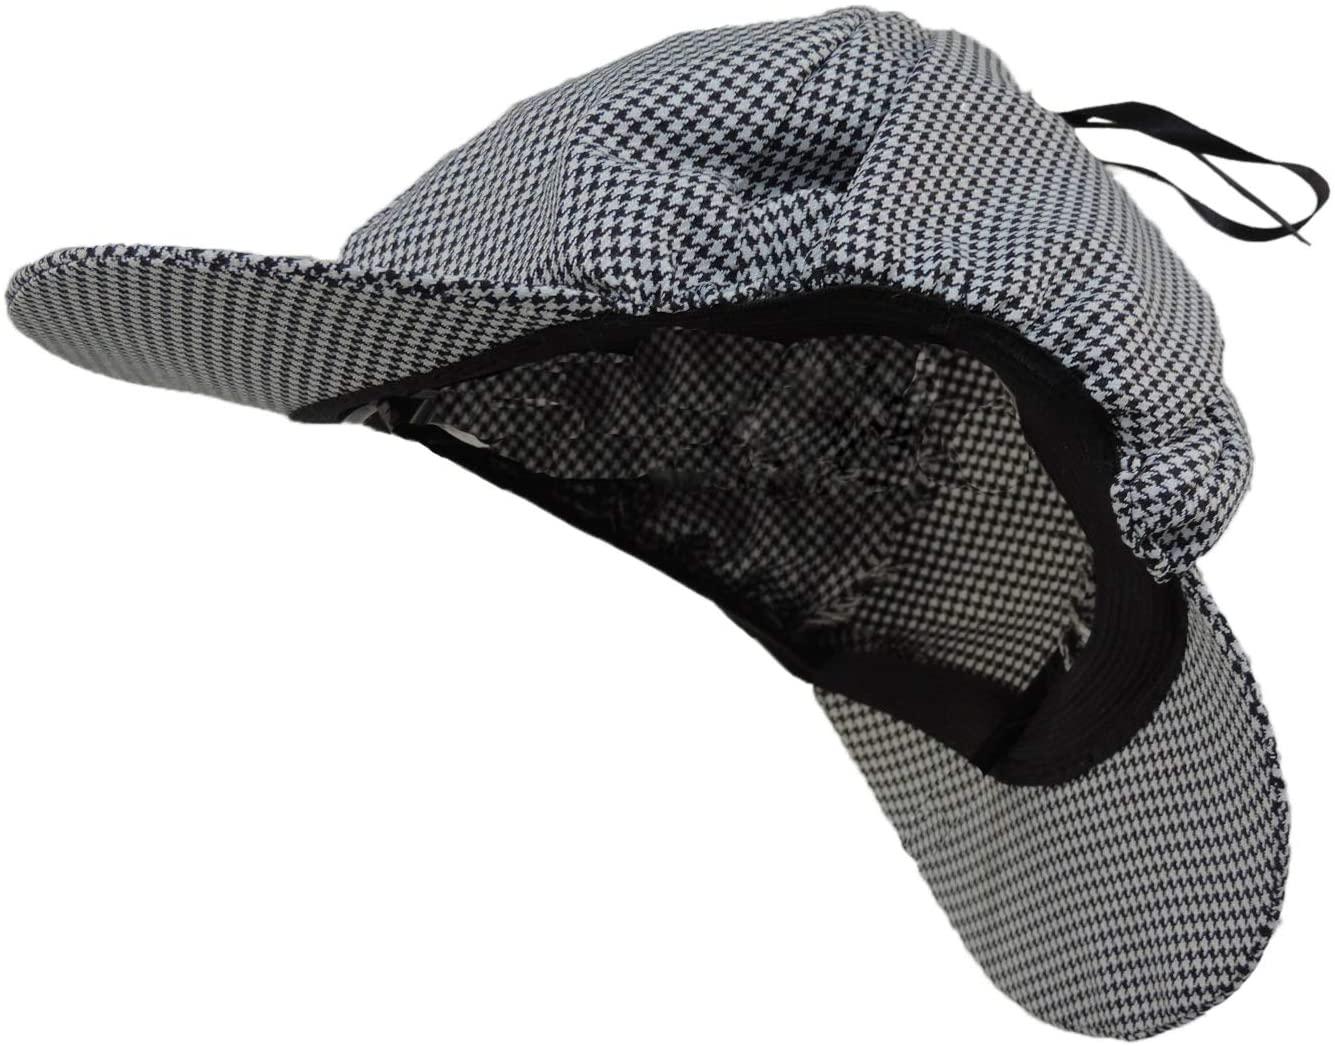 Sherlock Holmes Houndstooth Detective Deerstalker Costume Hat Black & White